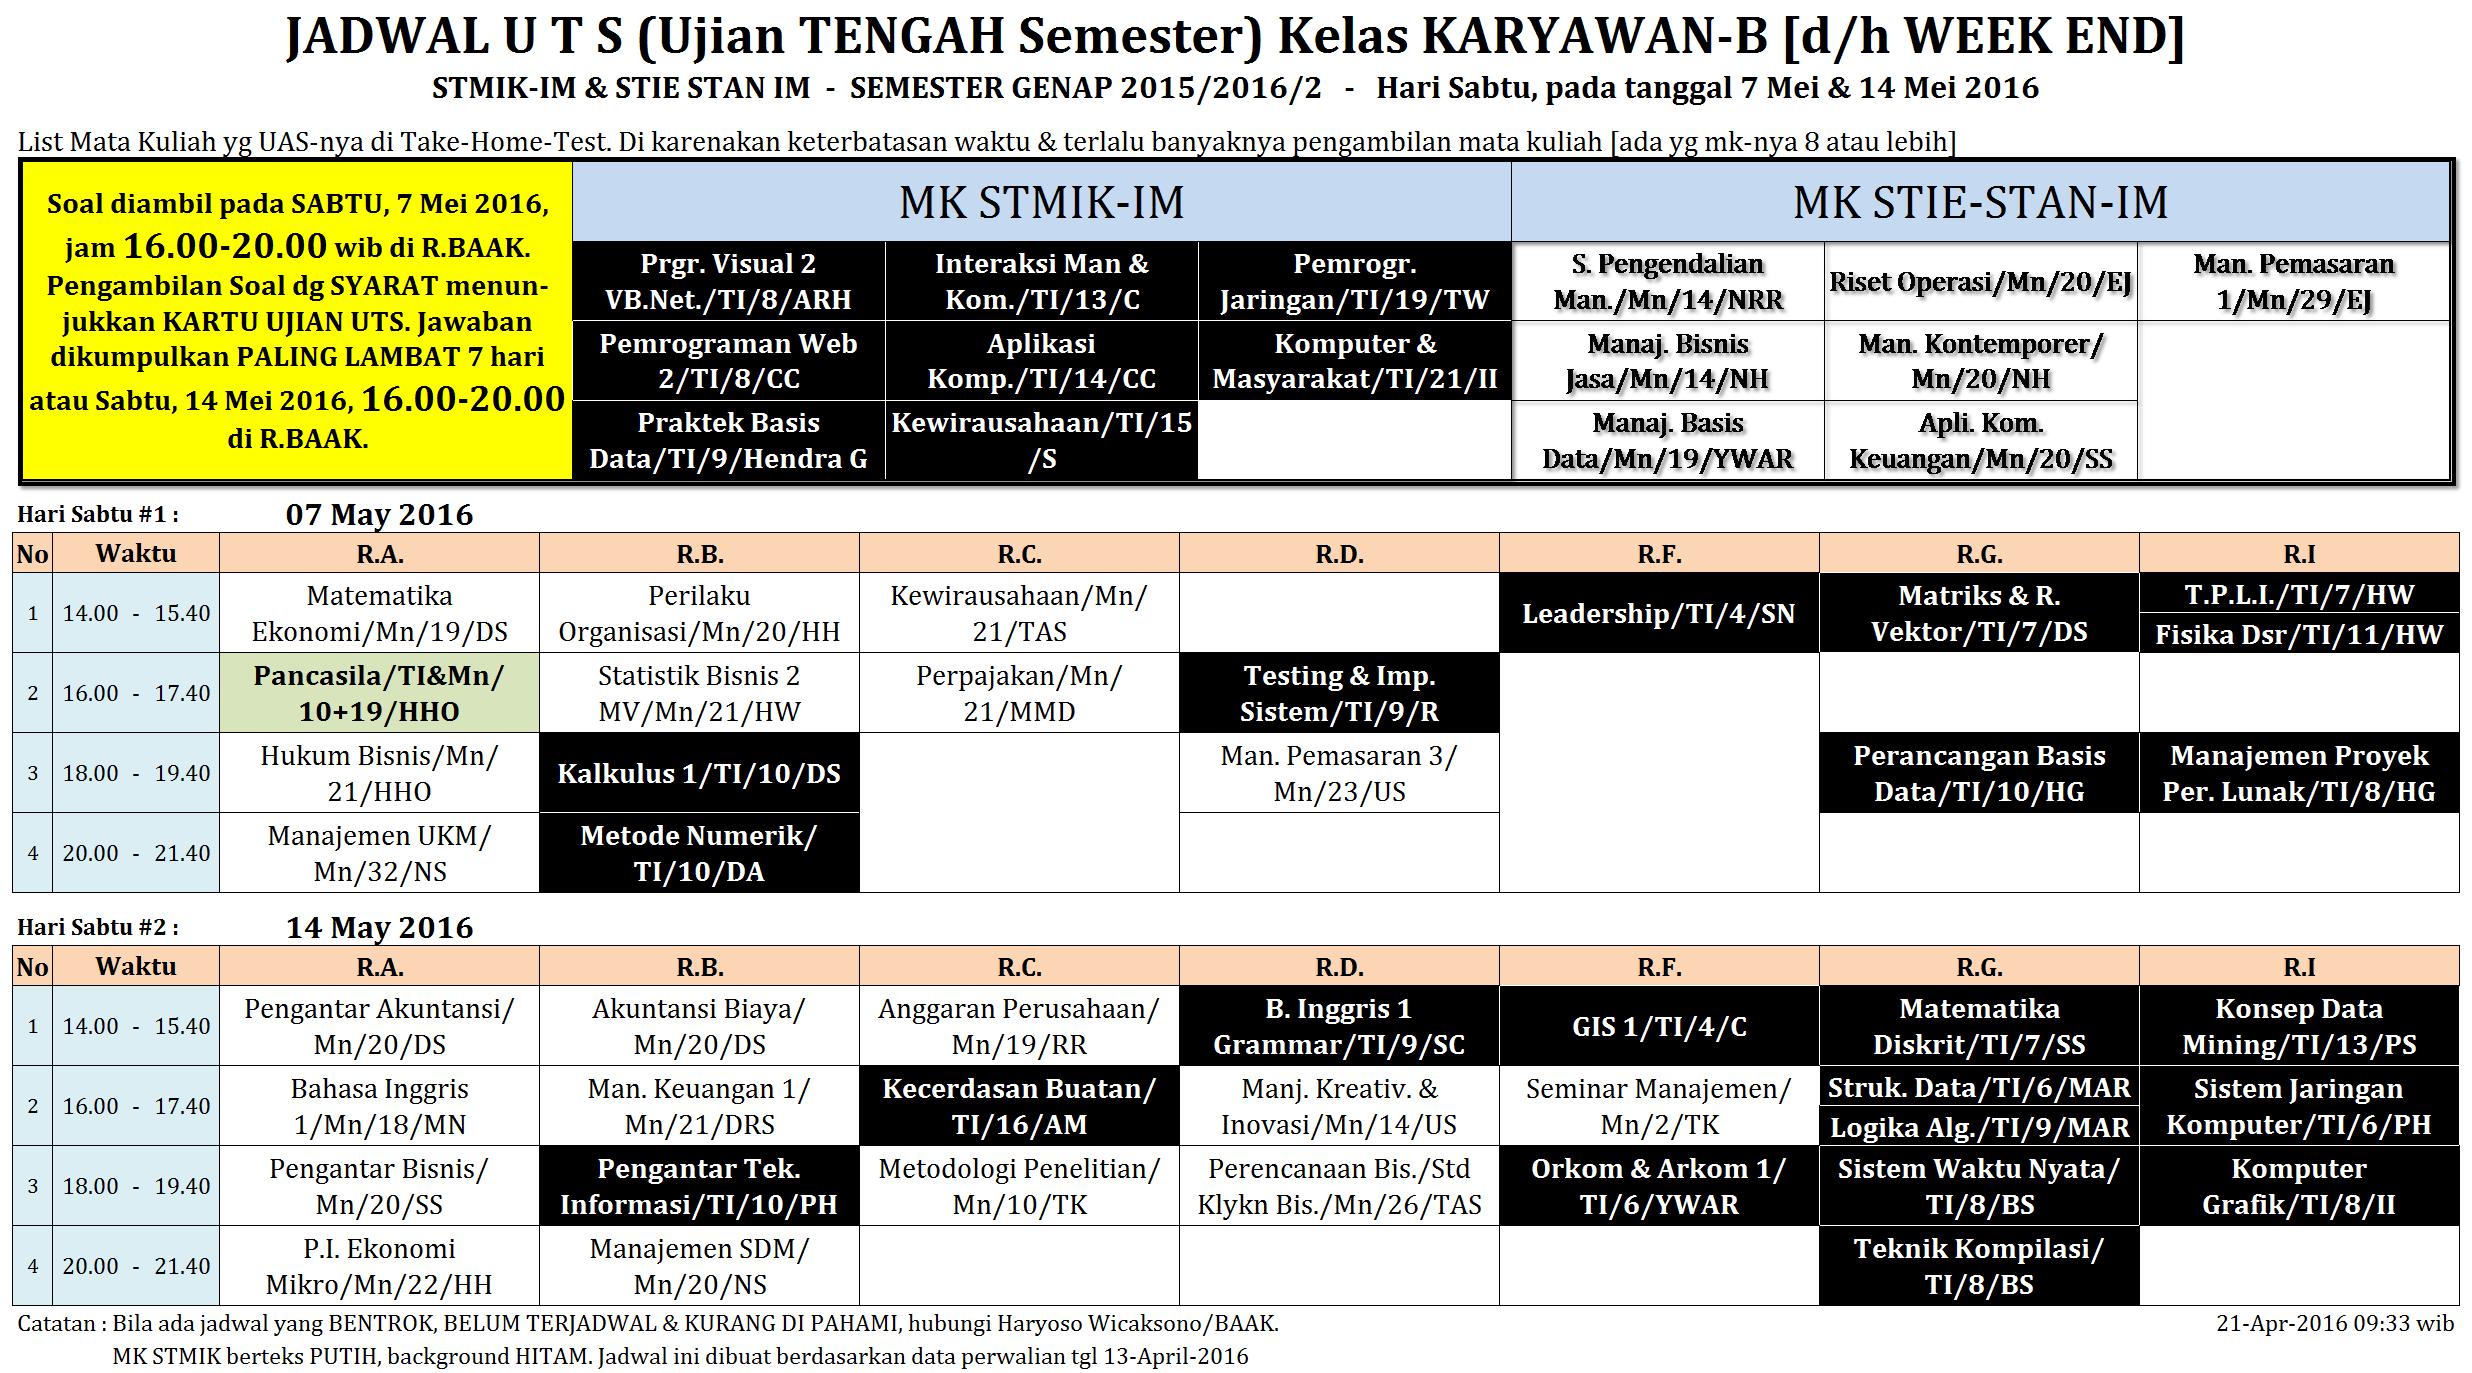 Jadwal UTS KRY-B Mulai 7-Mei-16